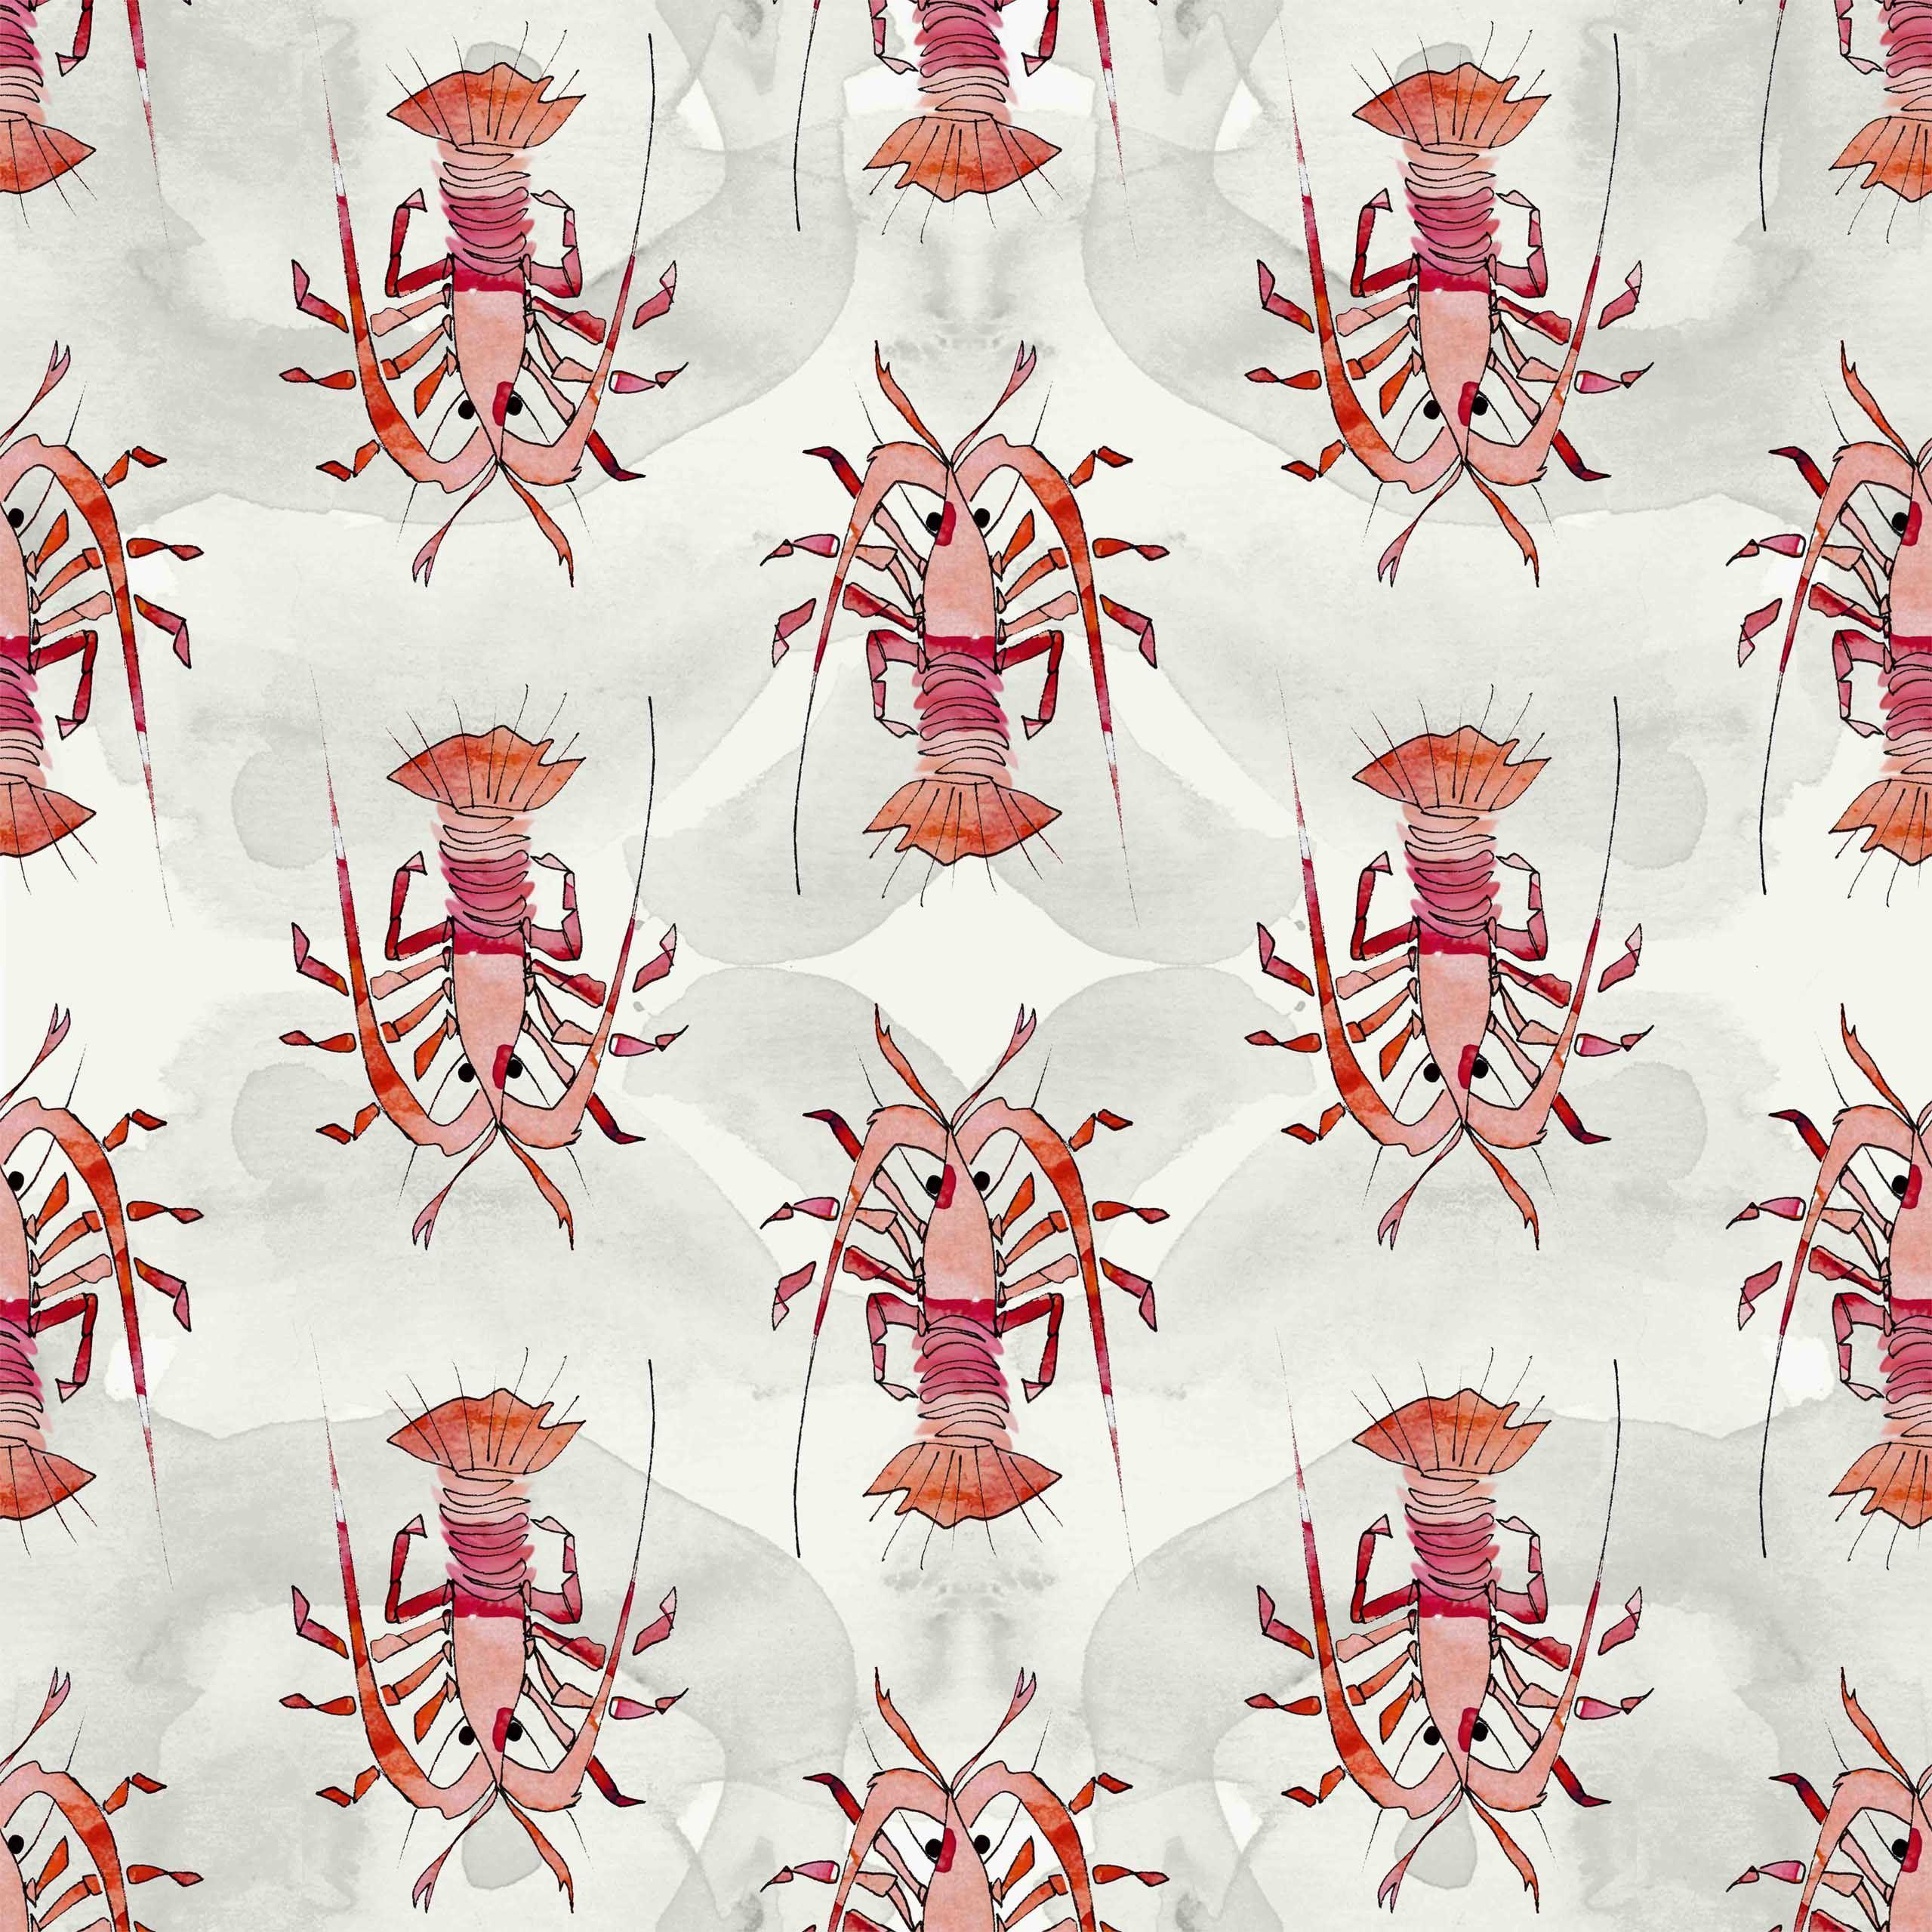 lobsters eva bellanger fabric and patterns 18 pinterest. Black Bedroom Furniture Sets. Home Design Ideas